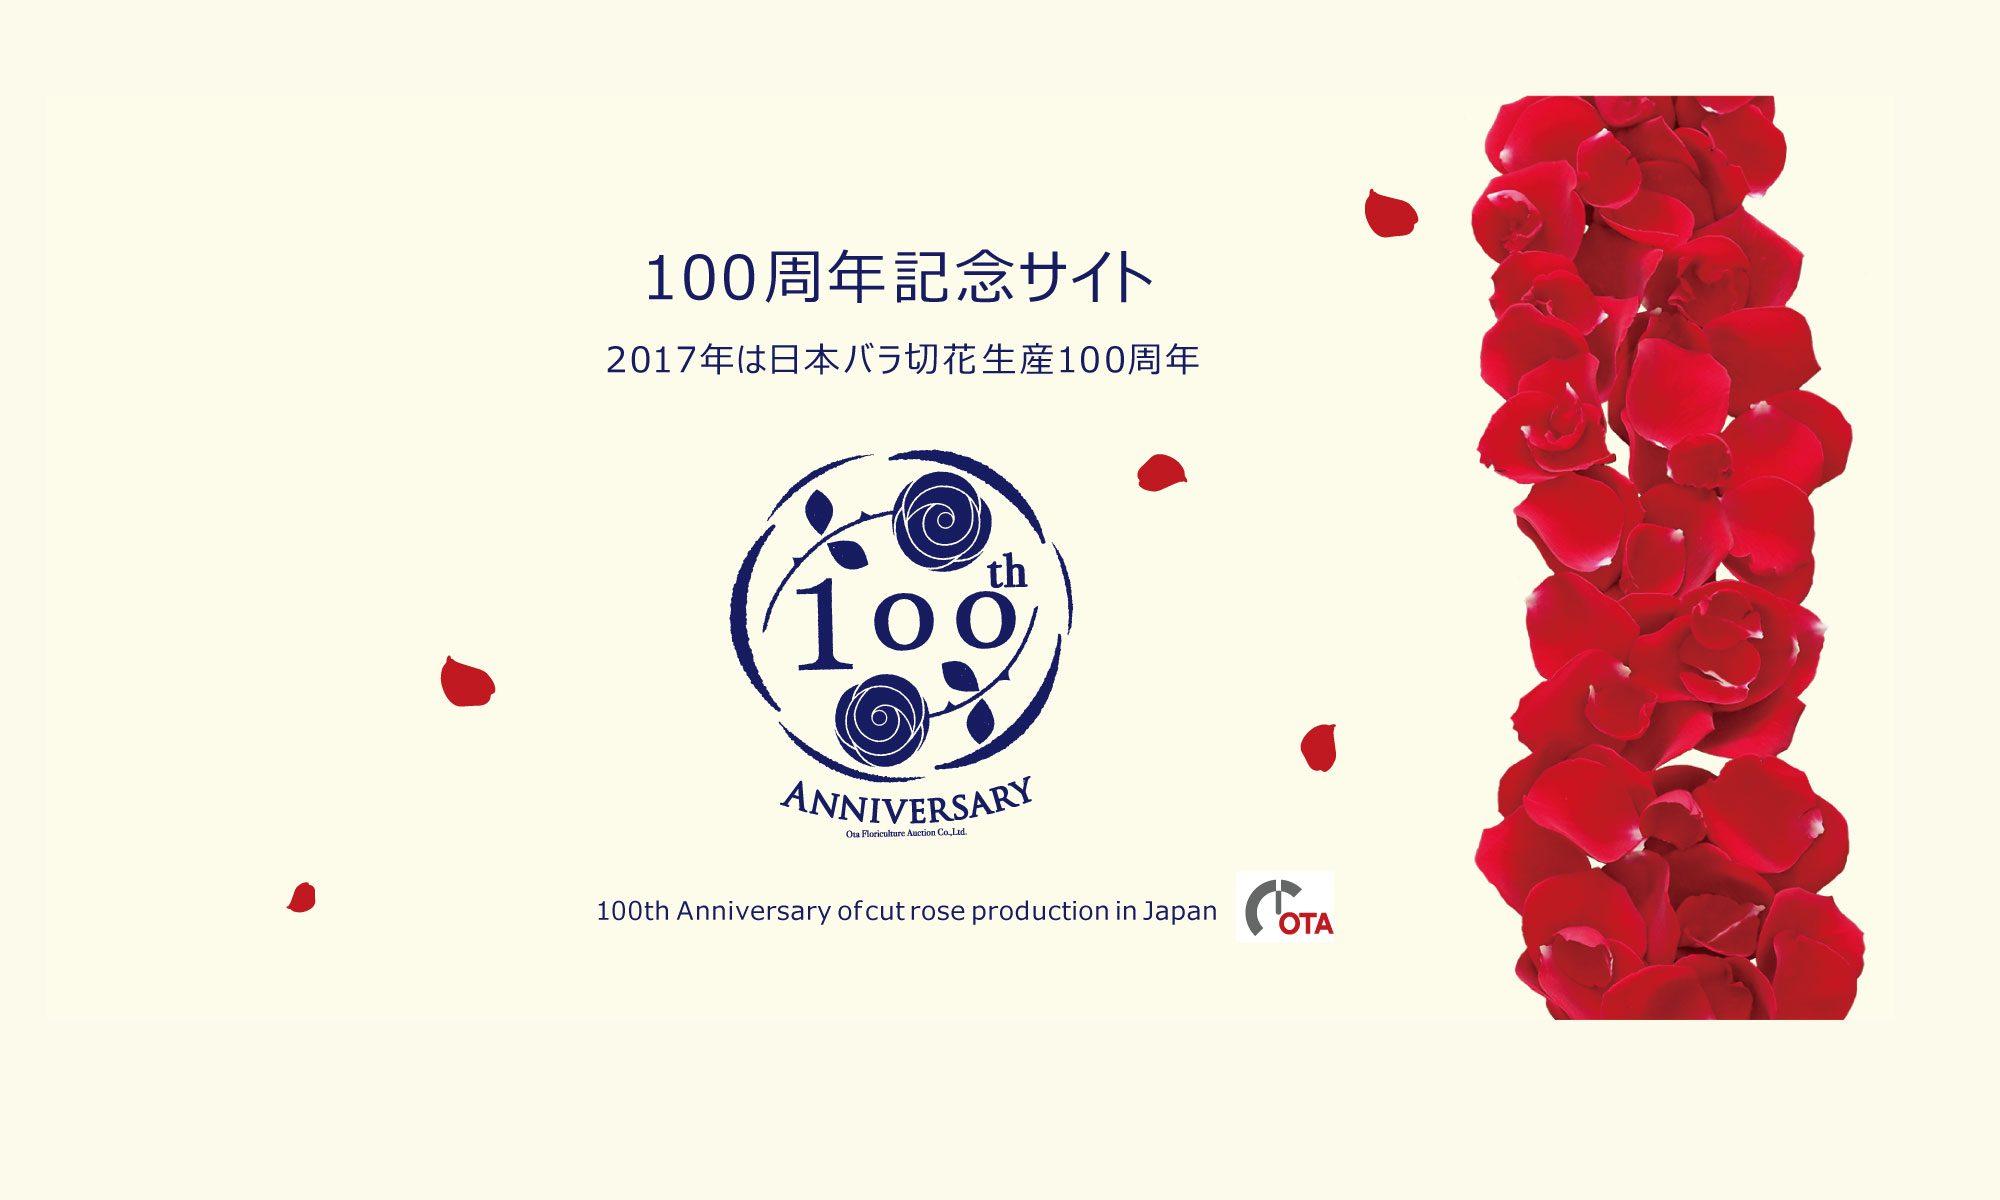 日本バラ切花生産100周年記念サイト